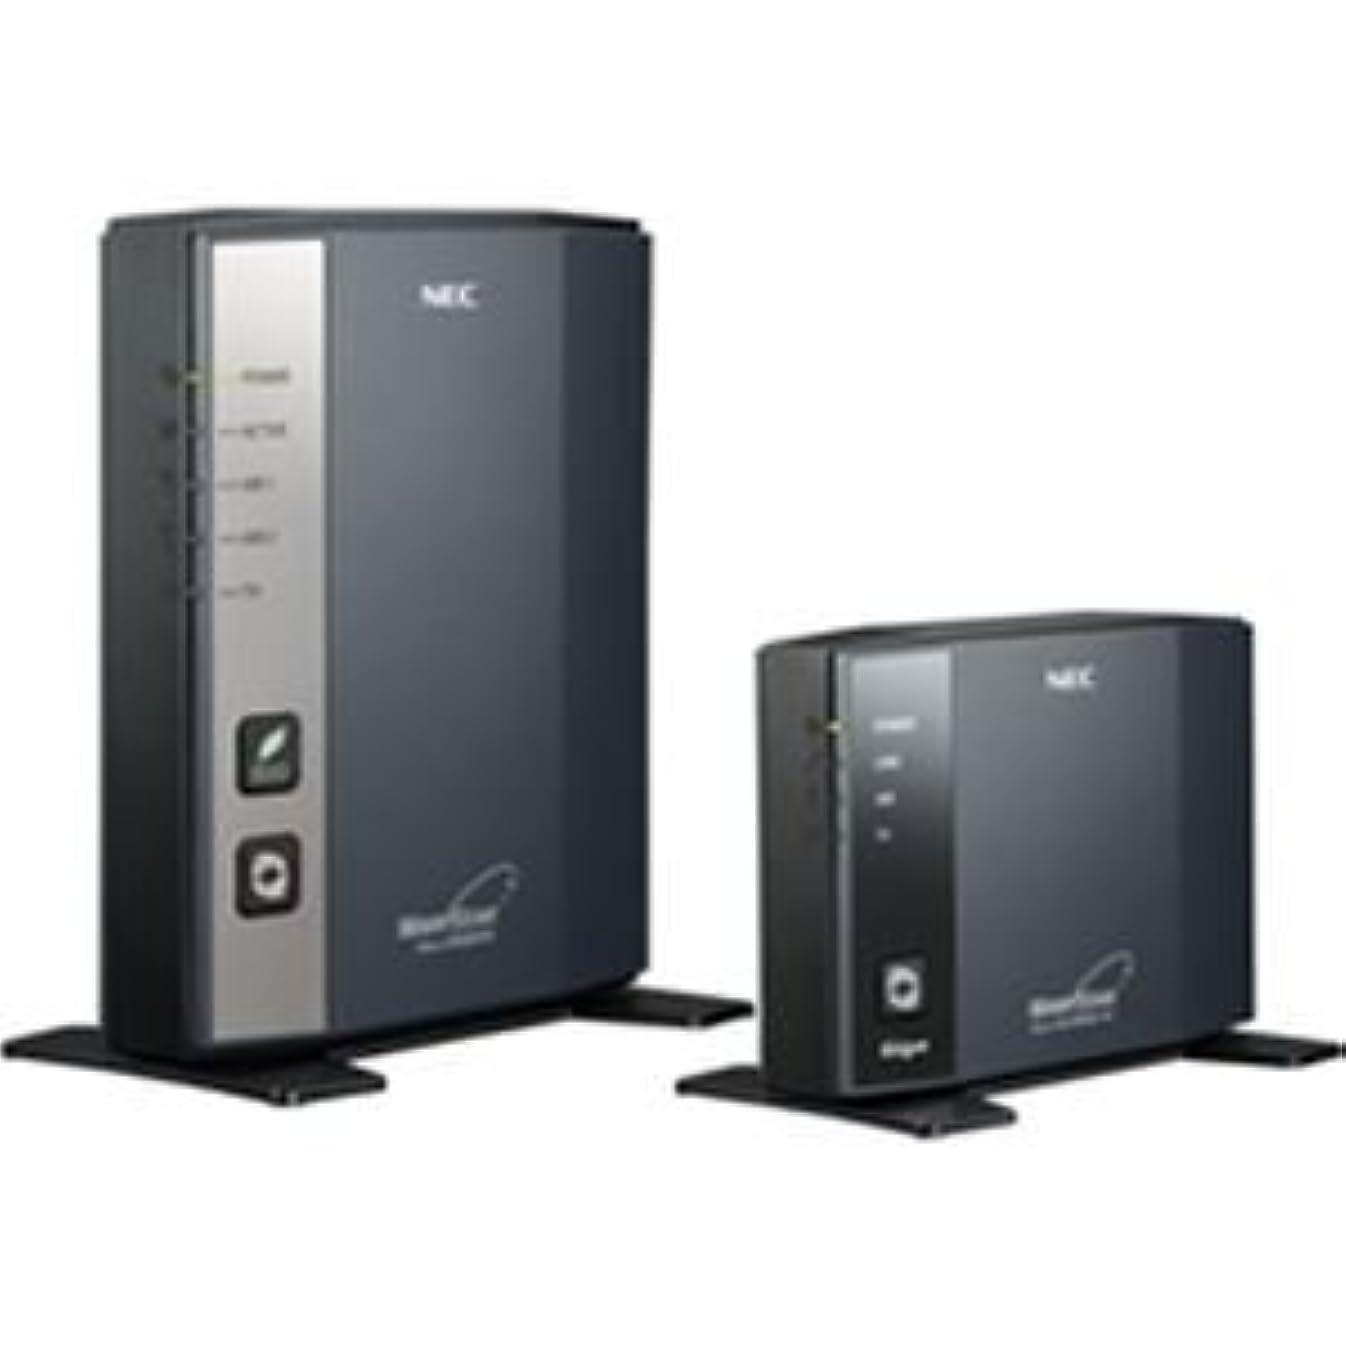 何十人もベールギャラリーNEC Aterm WR8600N[HPモデル] イーサネットコンバータセット PA-WR8600N-HP/E